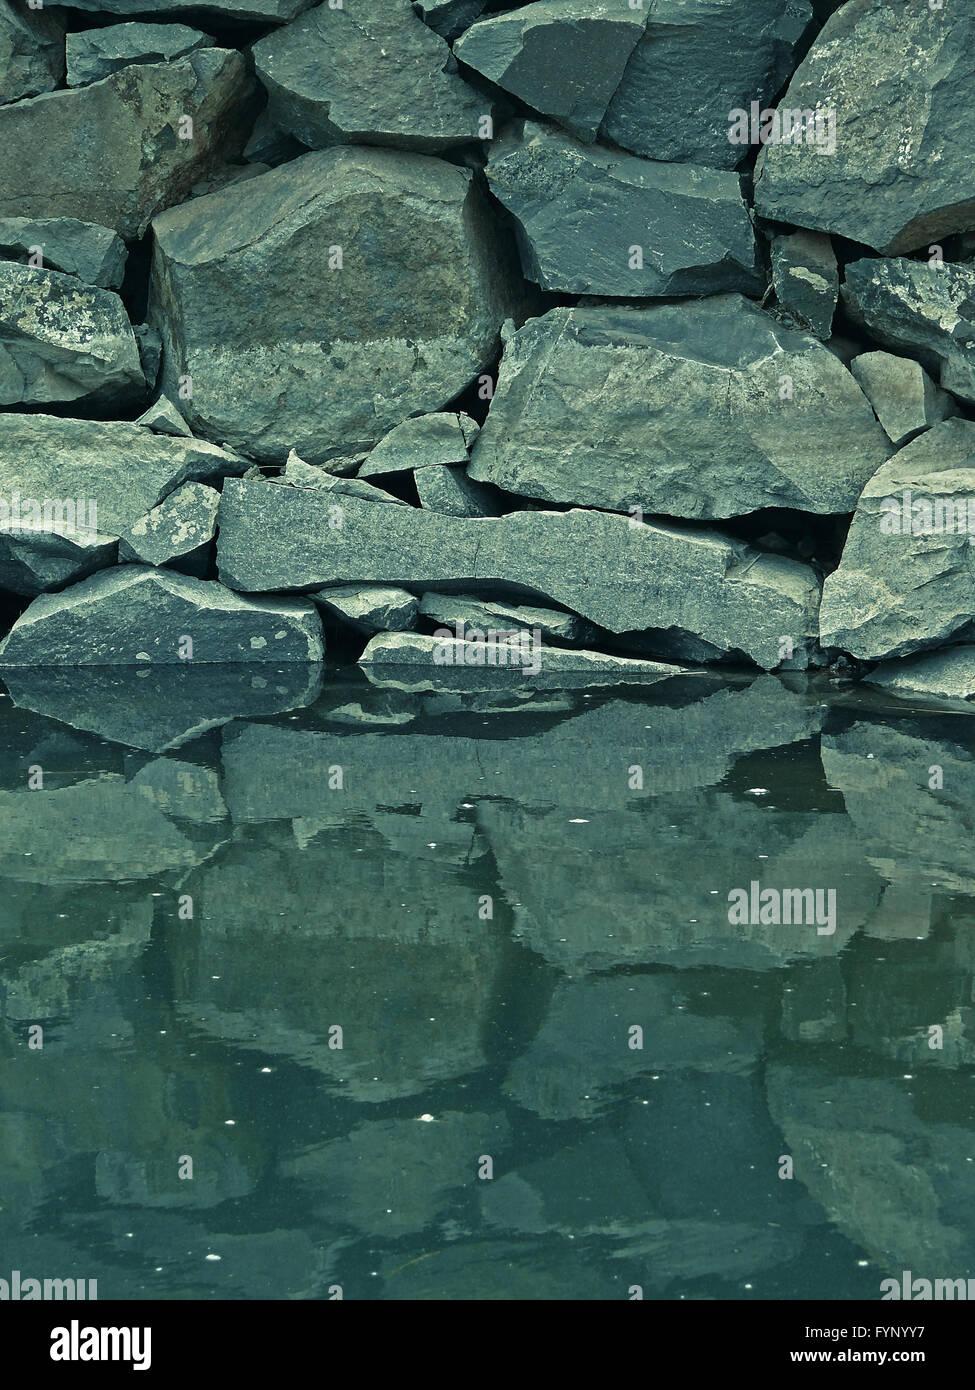 La reflexión de piedras en aguas tranquilas Imagen De Stock